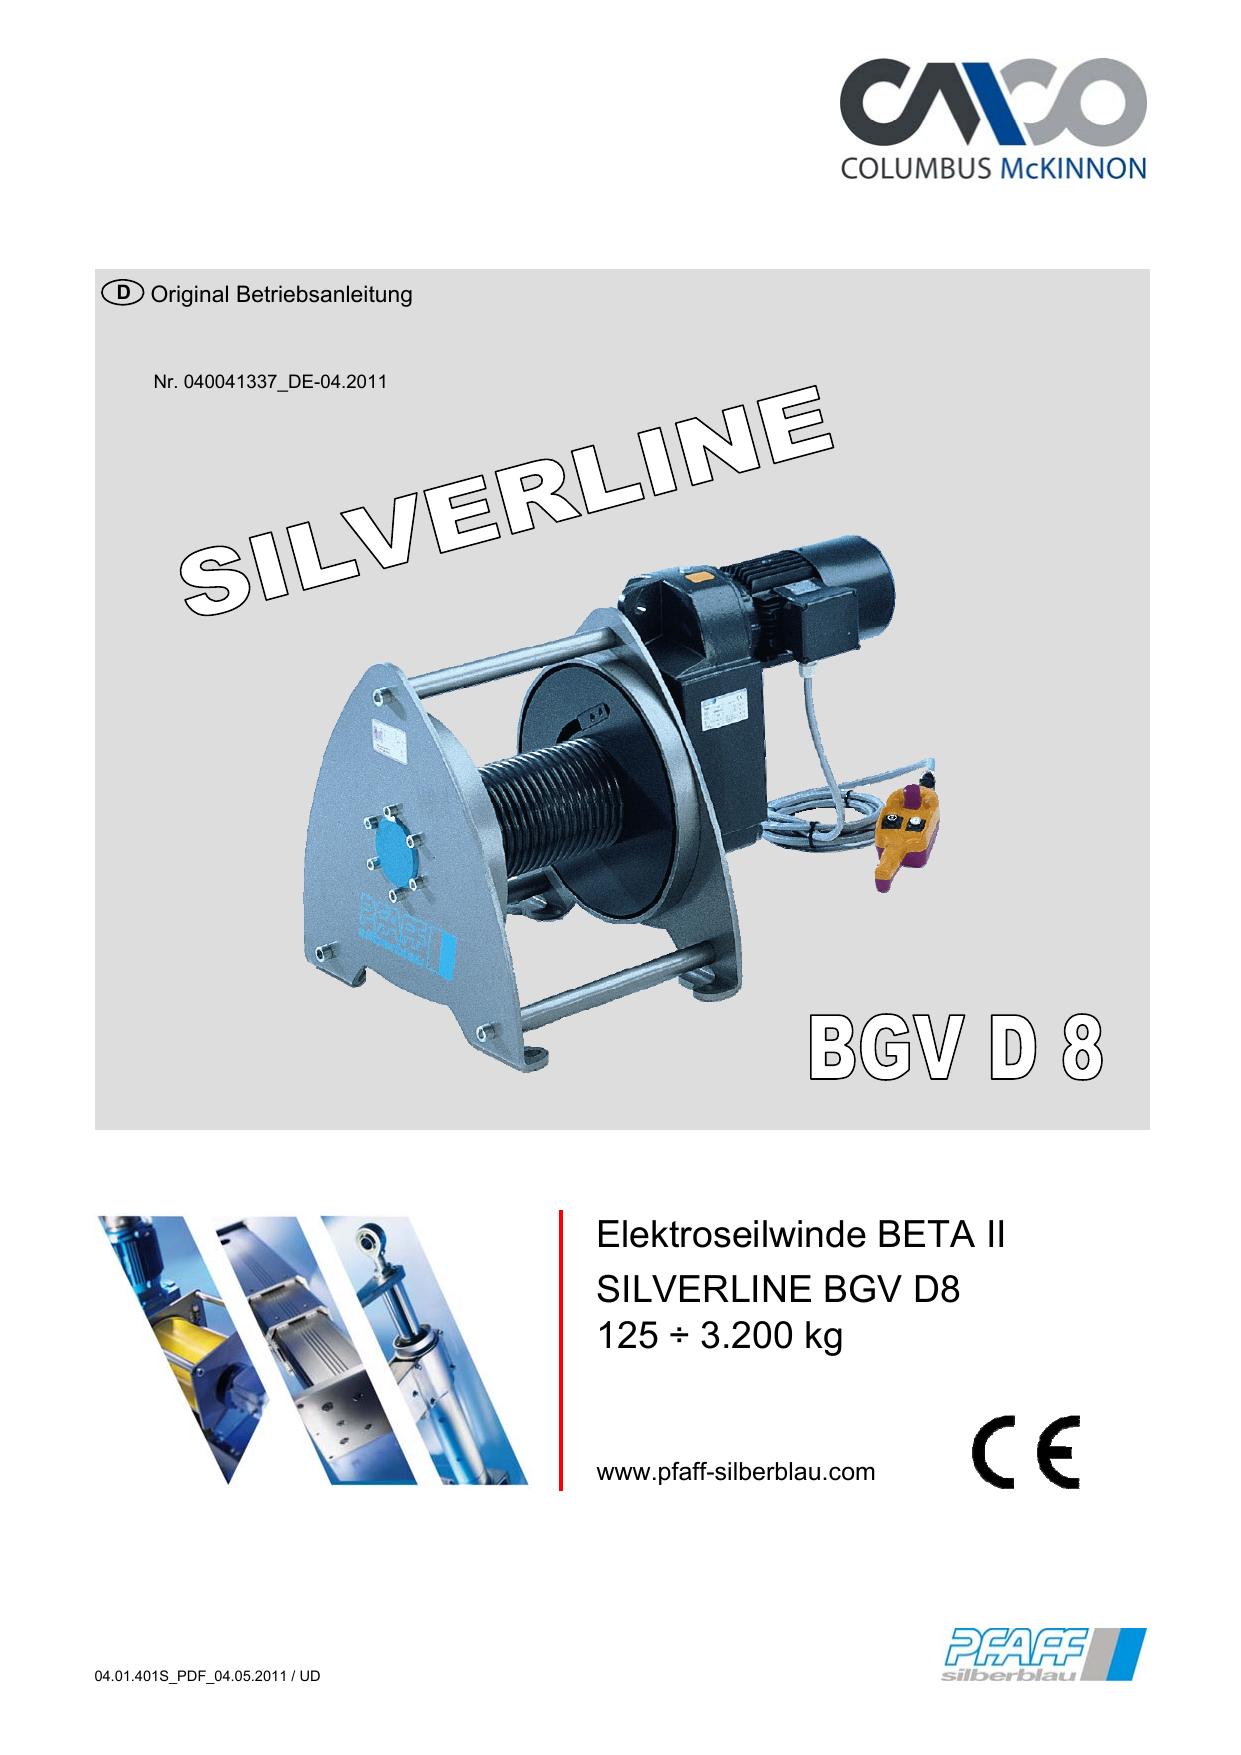 Bedienungsanleitung Modell BETA SILVERLINE | manualzz.com